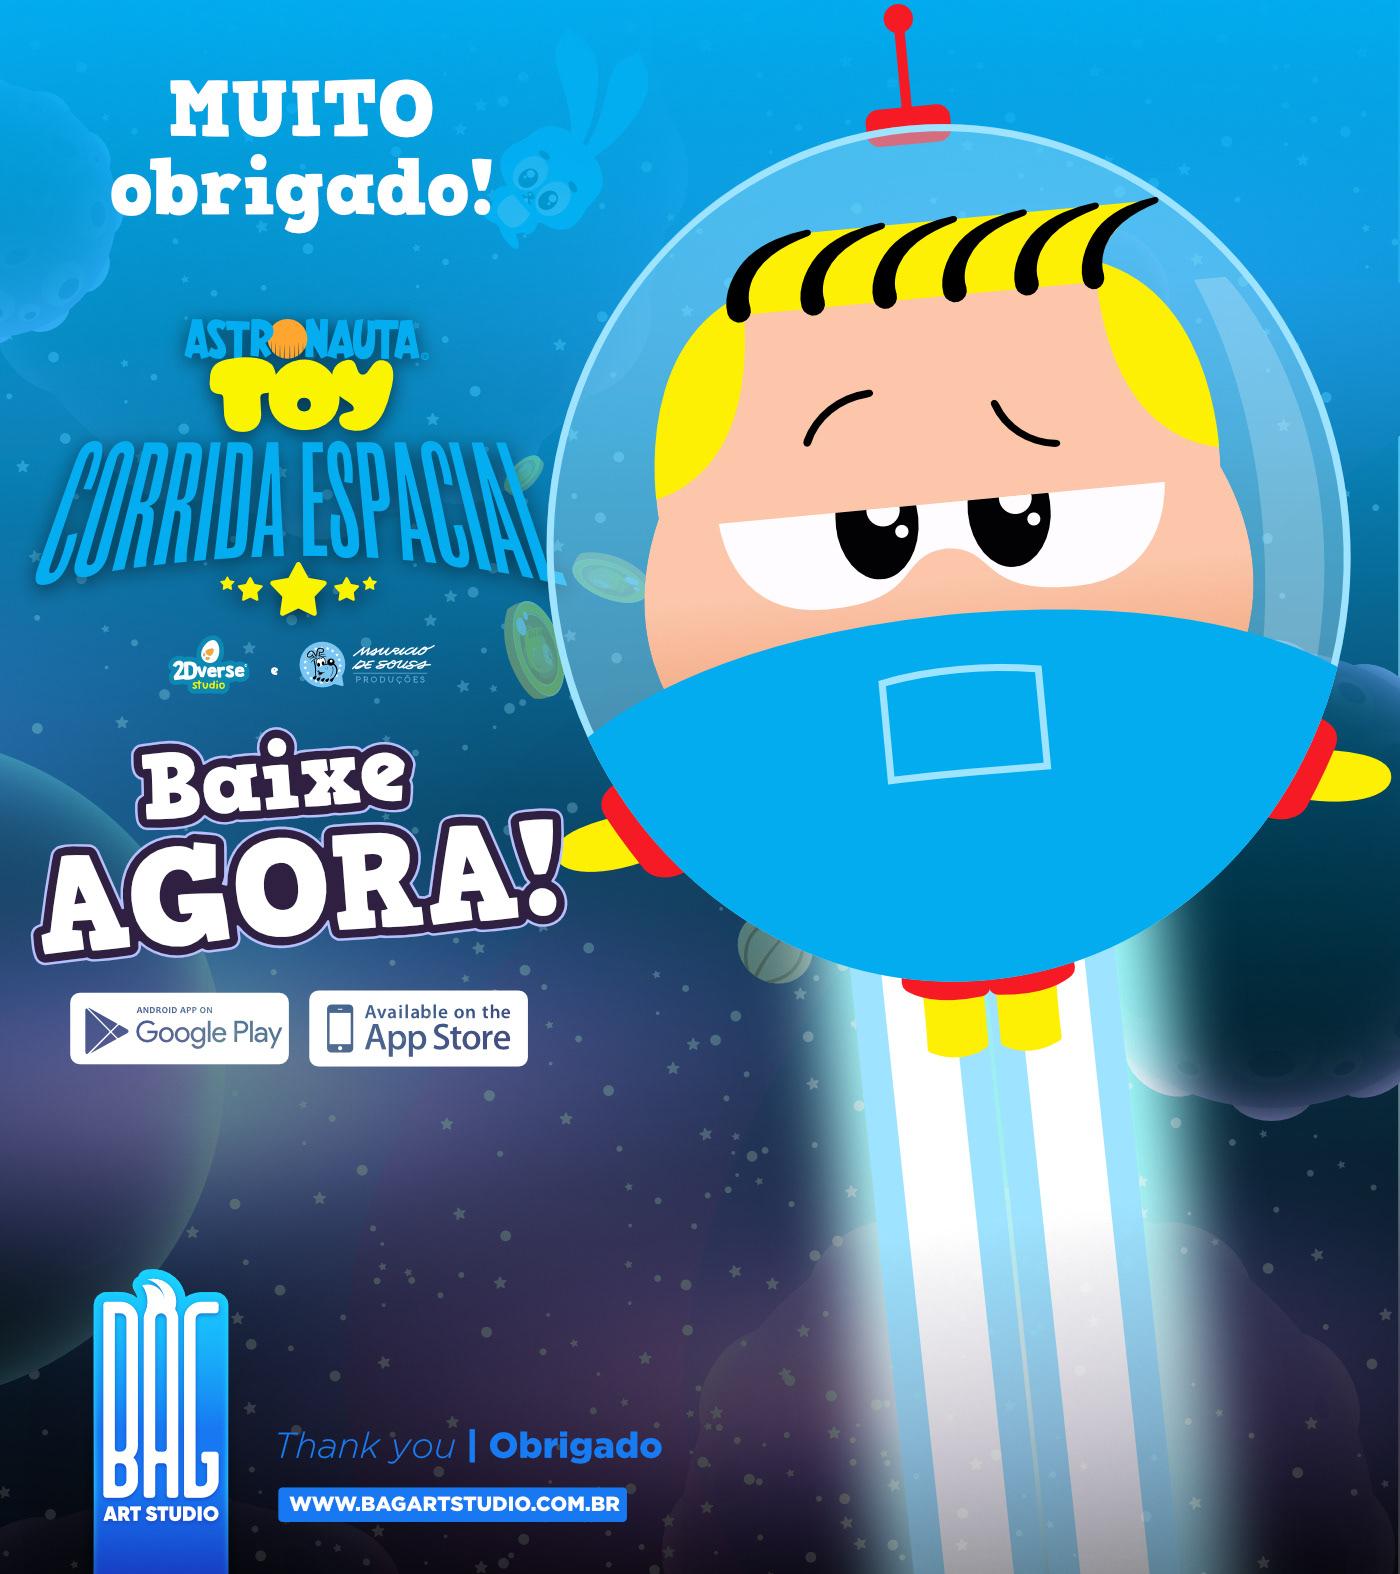 jogo Games game Game Art arte jogo jogo mobile monica Turma da Mônica mônica toy